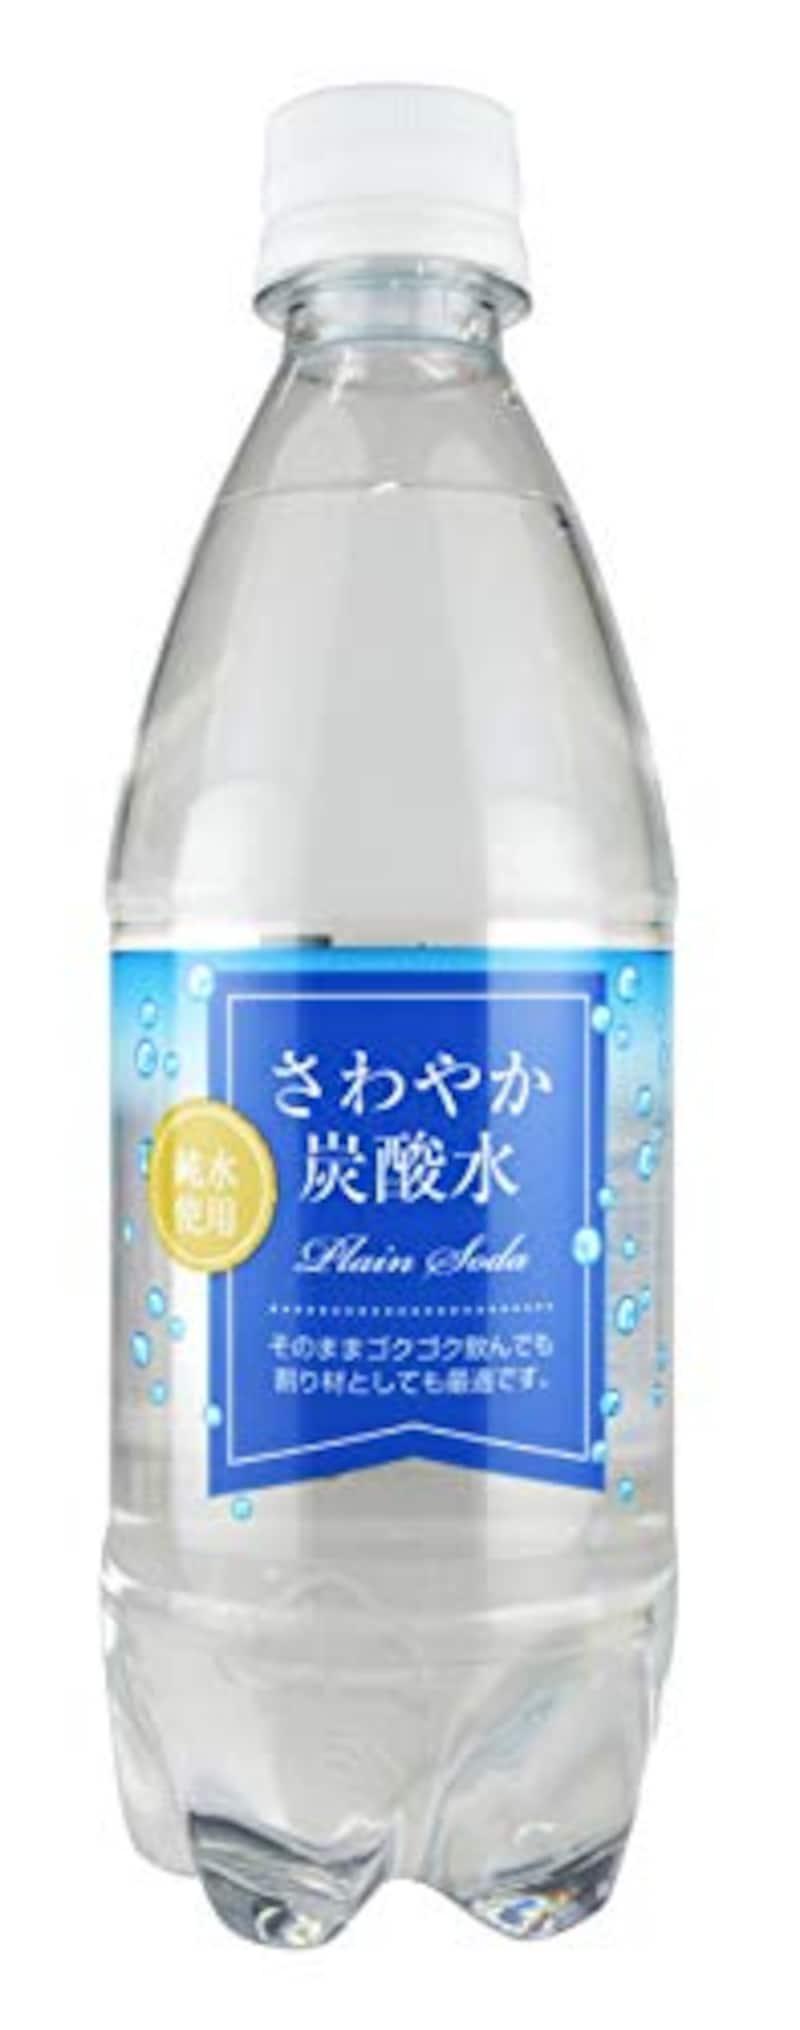 木村飲料,さわやか炭酸水